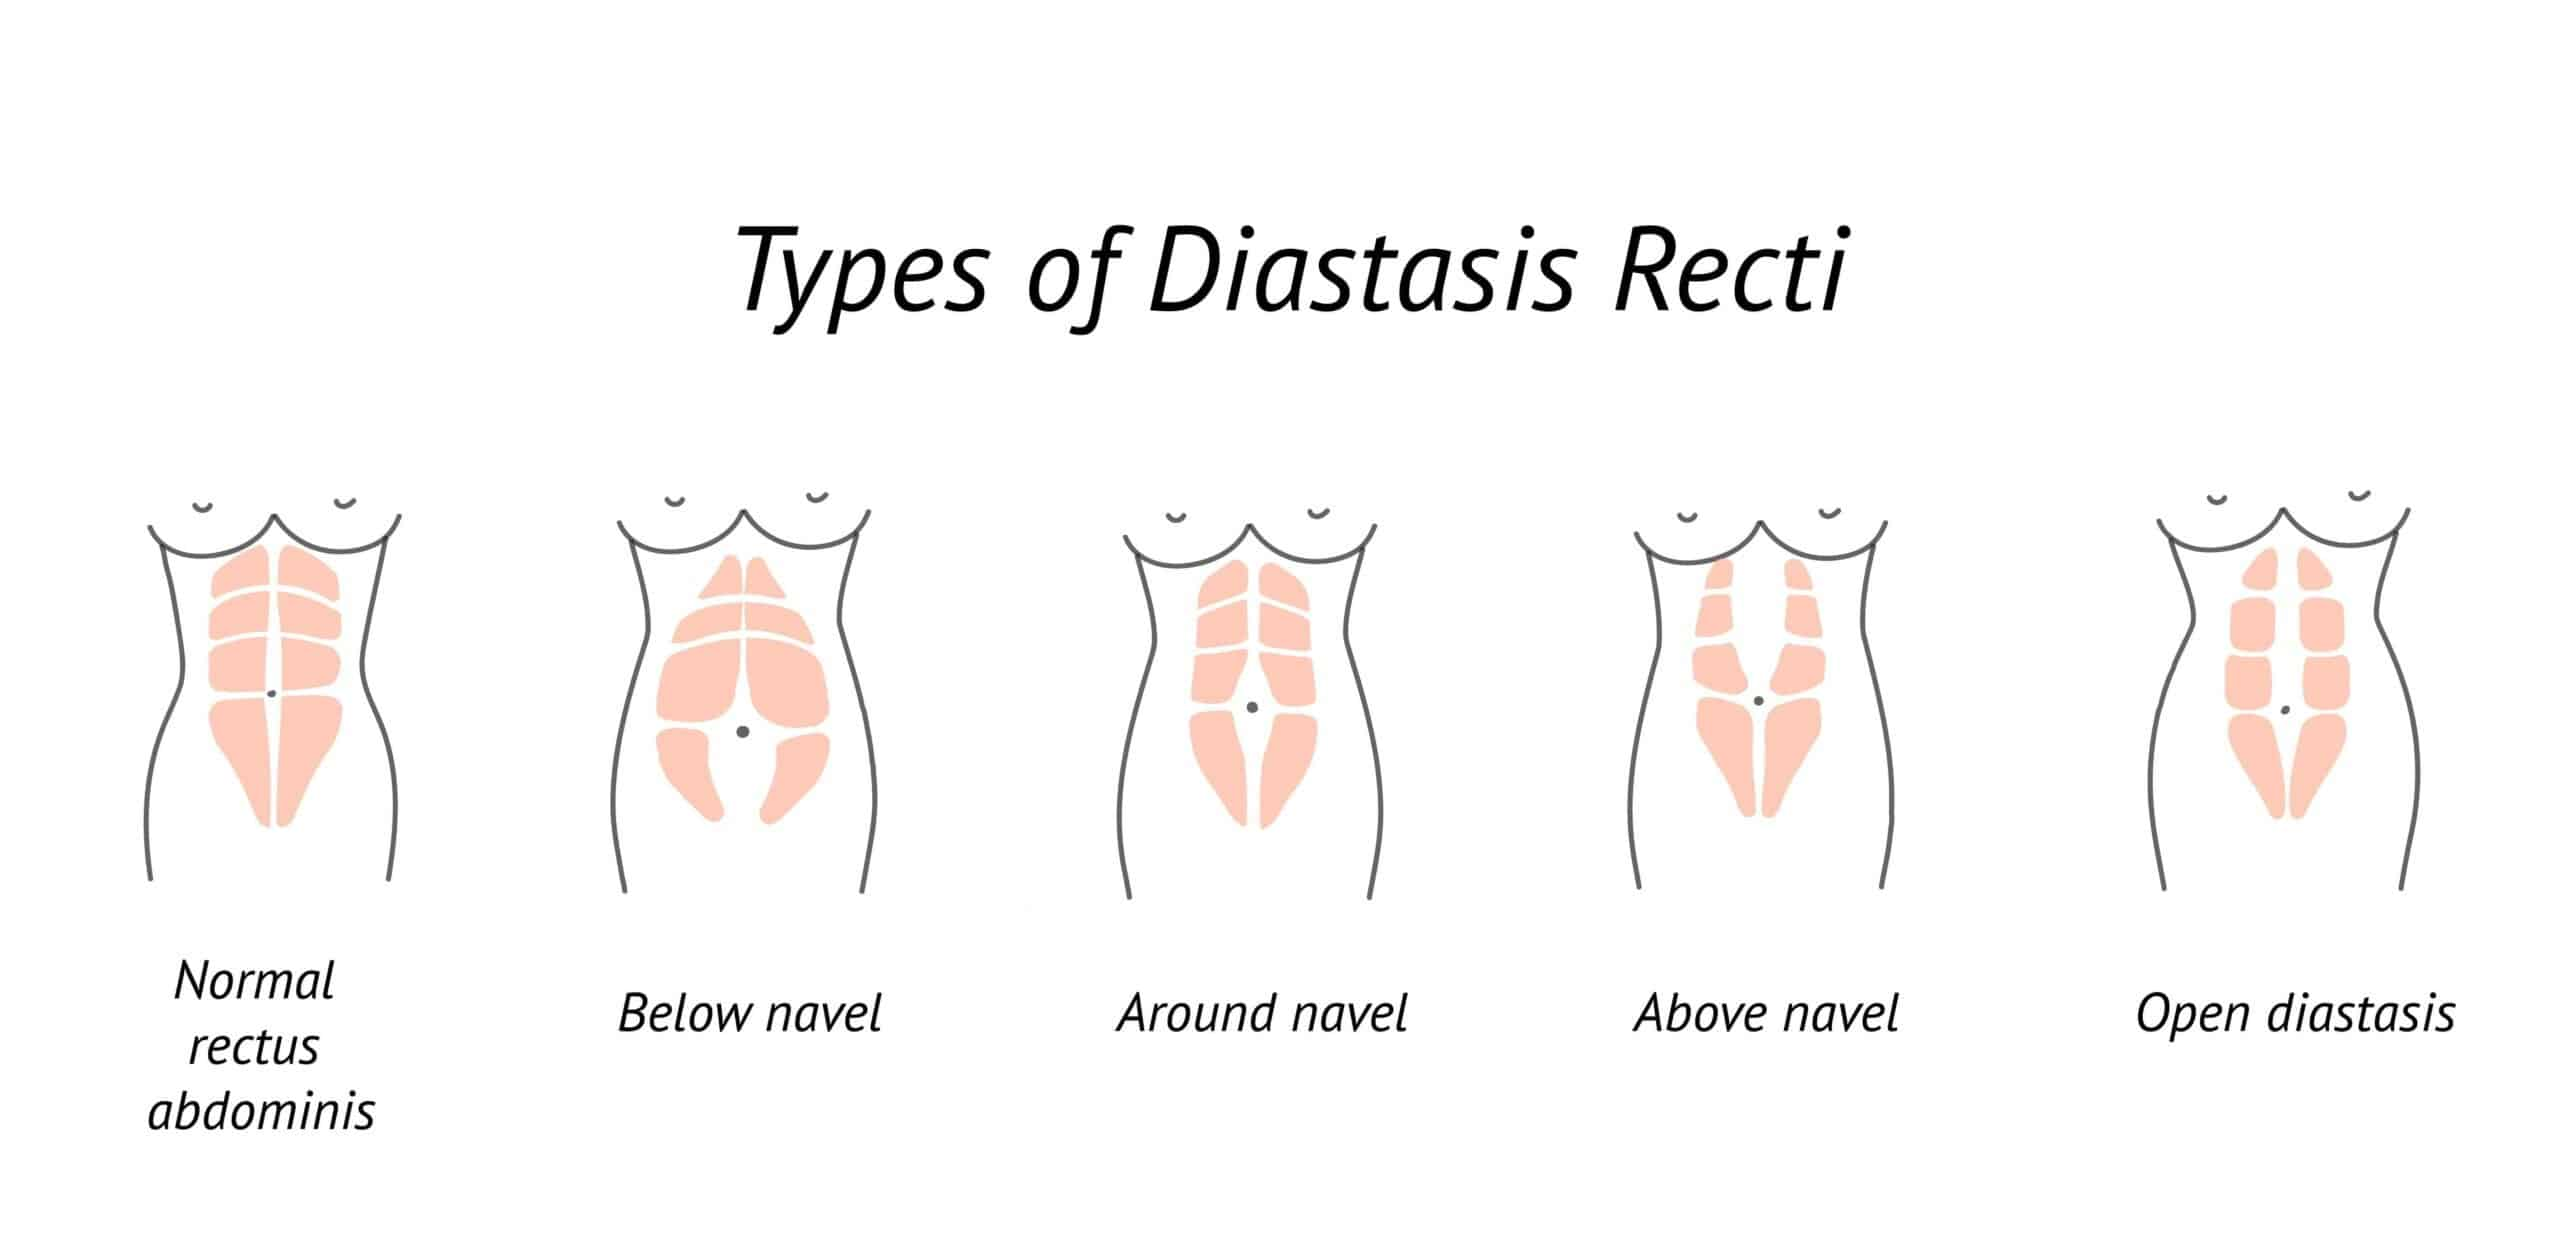 types of diastasis recti